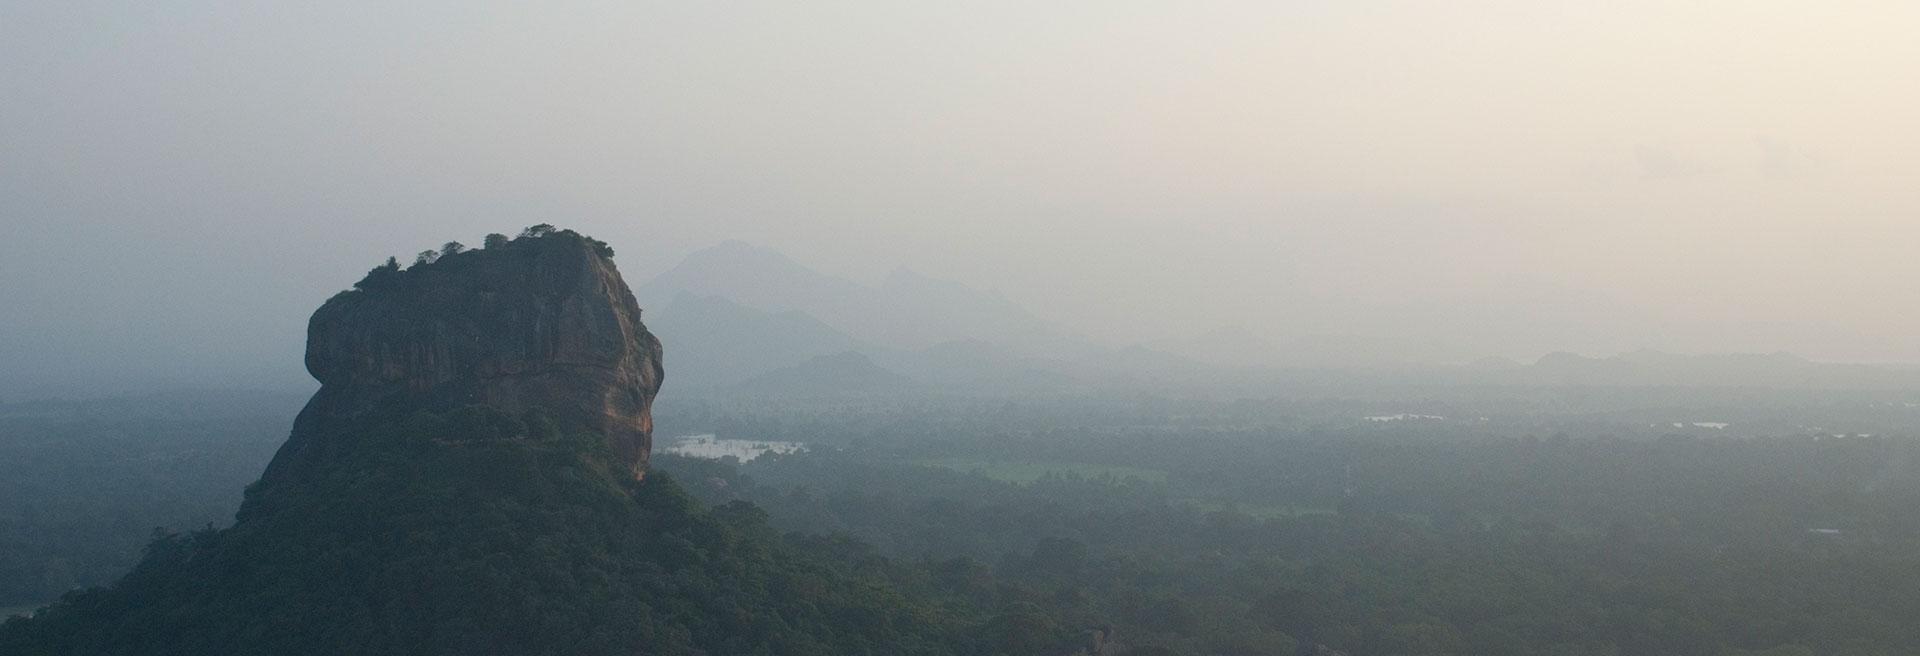 Areal view of the Sigiriya Resort